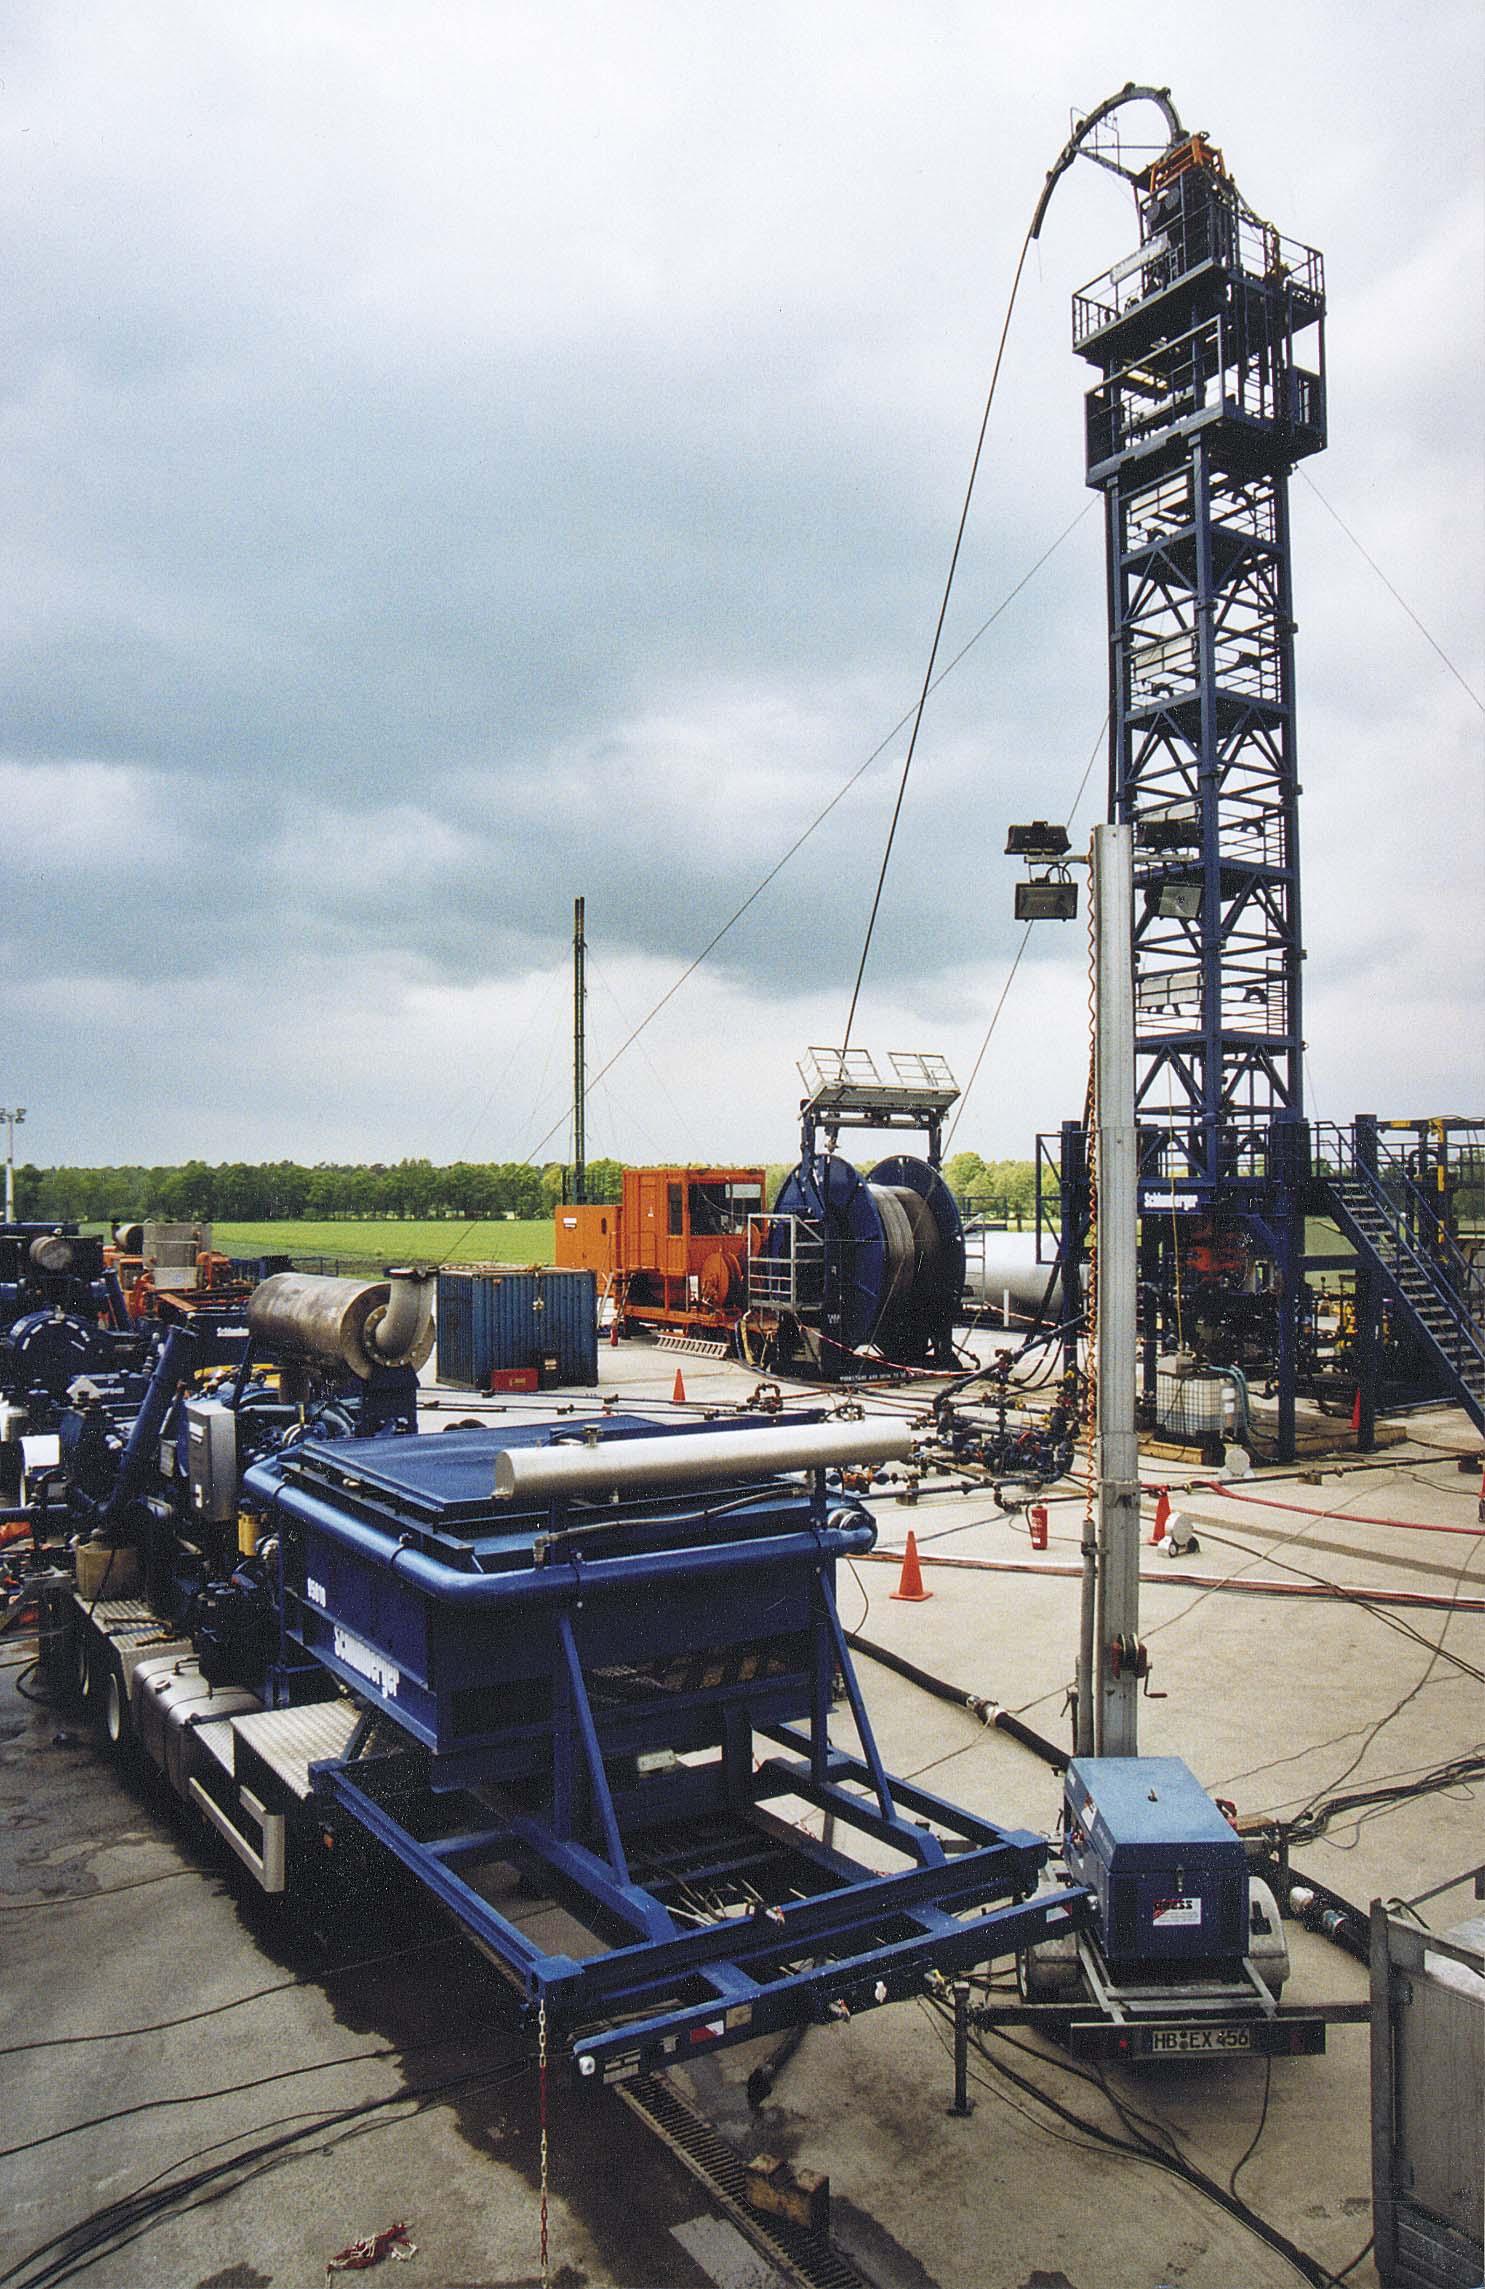 Fracarbeiten Söhlingen Z15 Quelle: WEG Wirtschaftsverband Erdöl- und Erdgasgewinnung e.V.